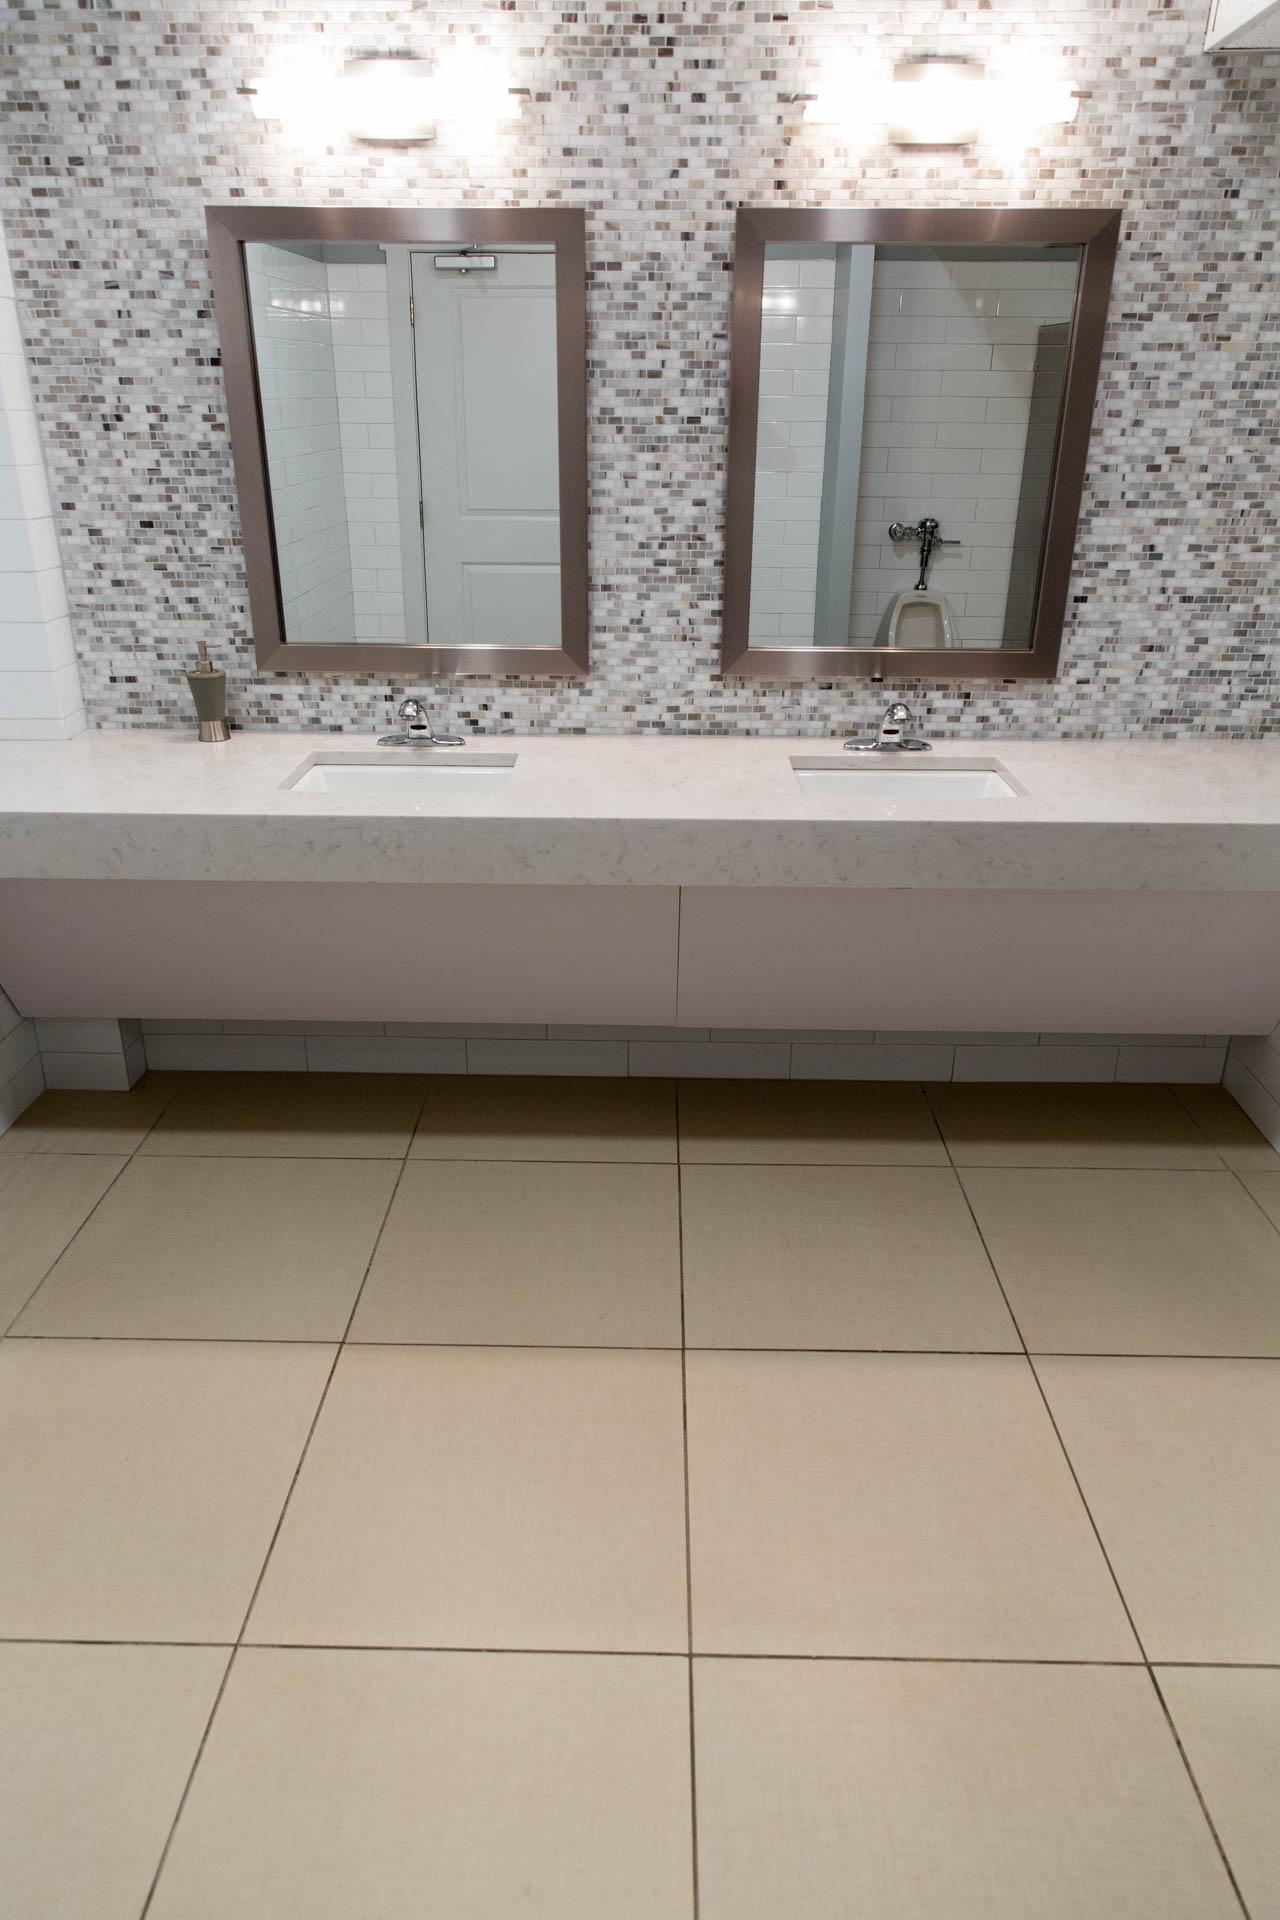 Restroom Tile Installer